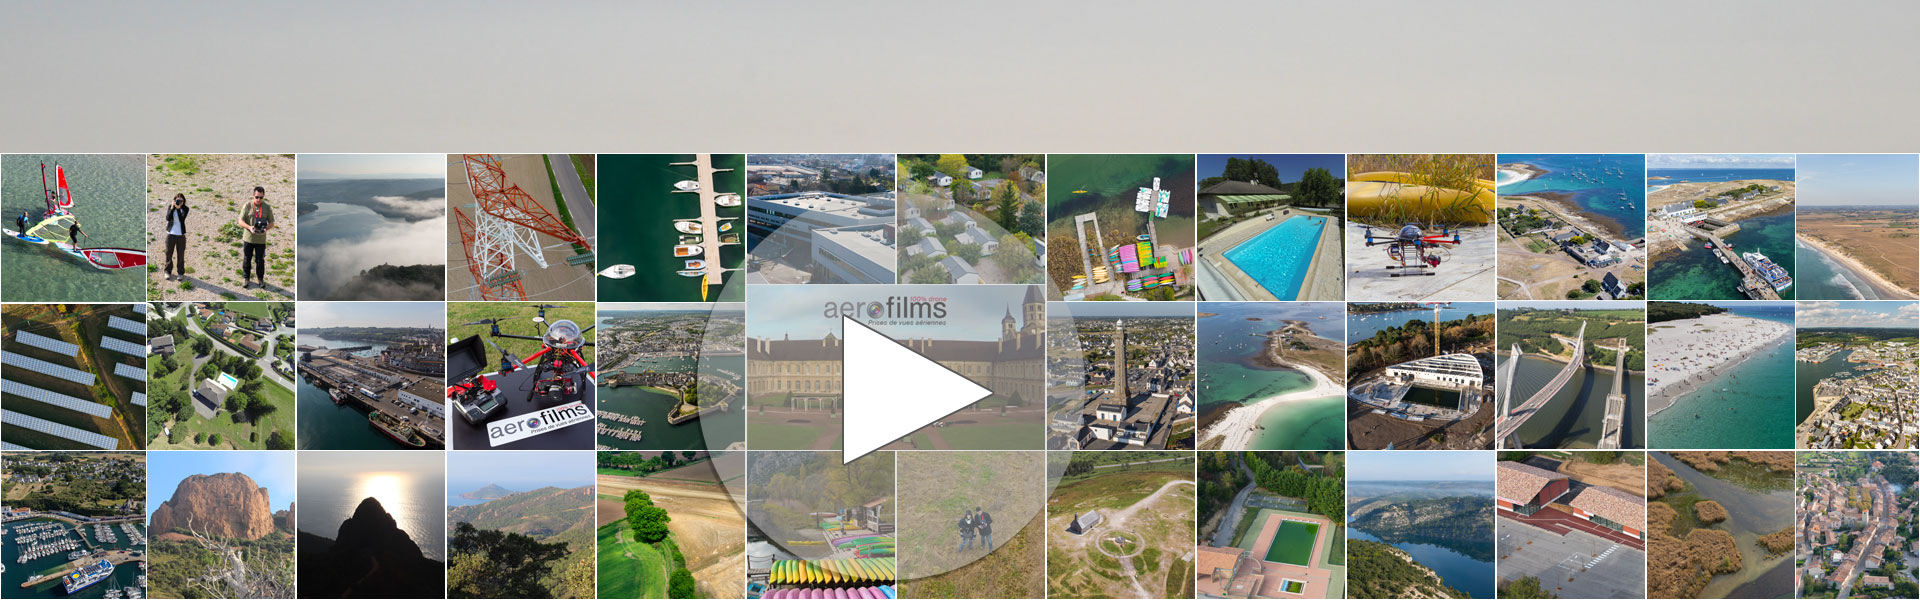 Prestations de prises de vues aériennes par drones